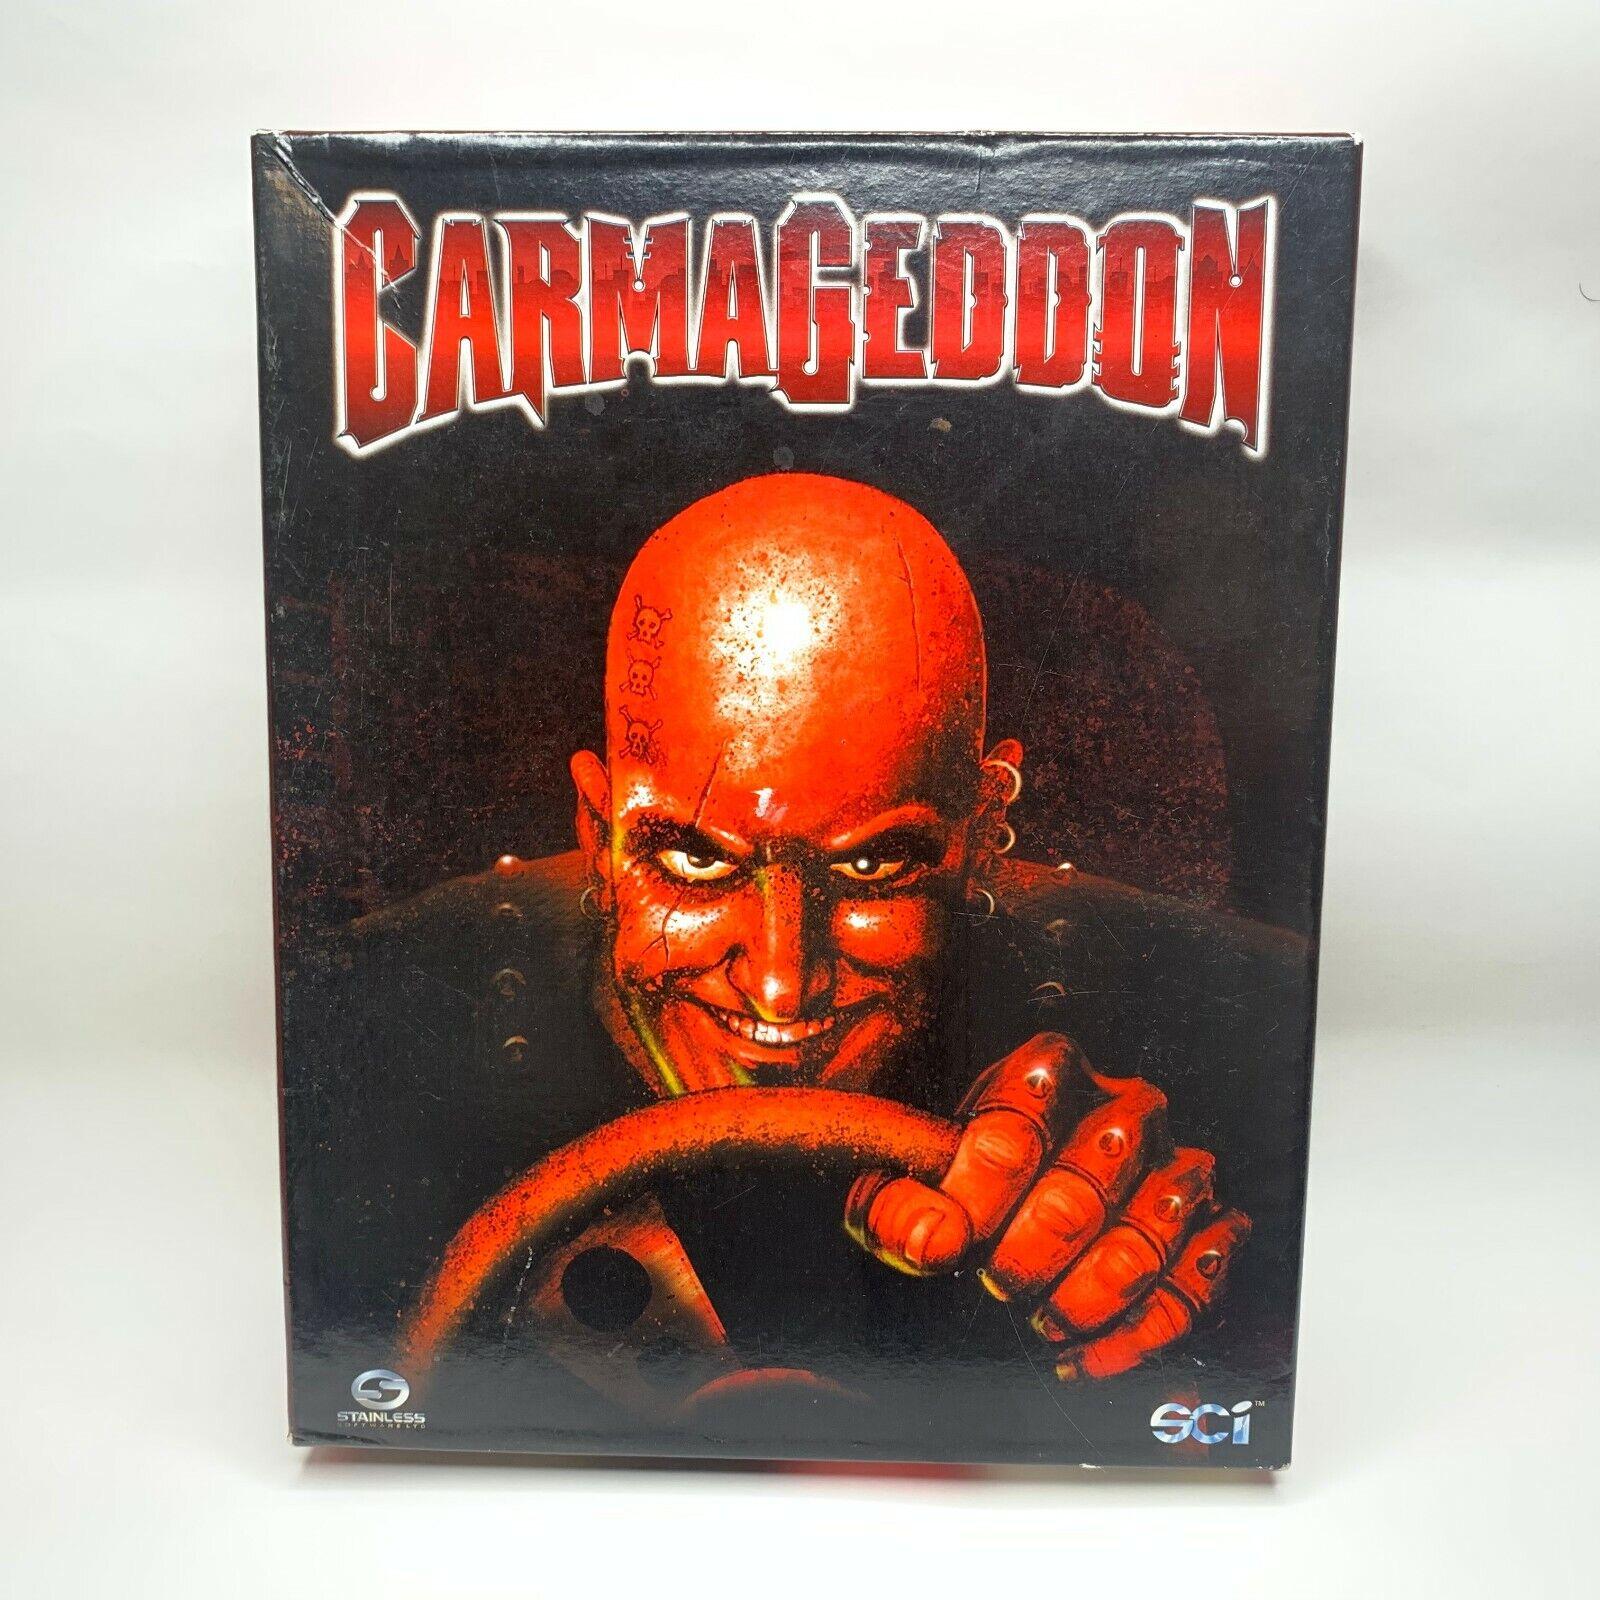 Computer Games - Carmageddon (Mac, 1997) Big Box Computer Game CD-ROM